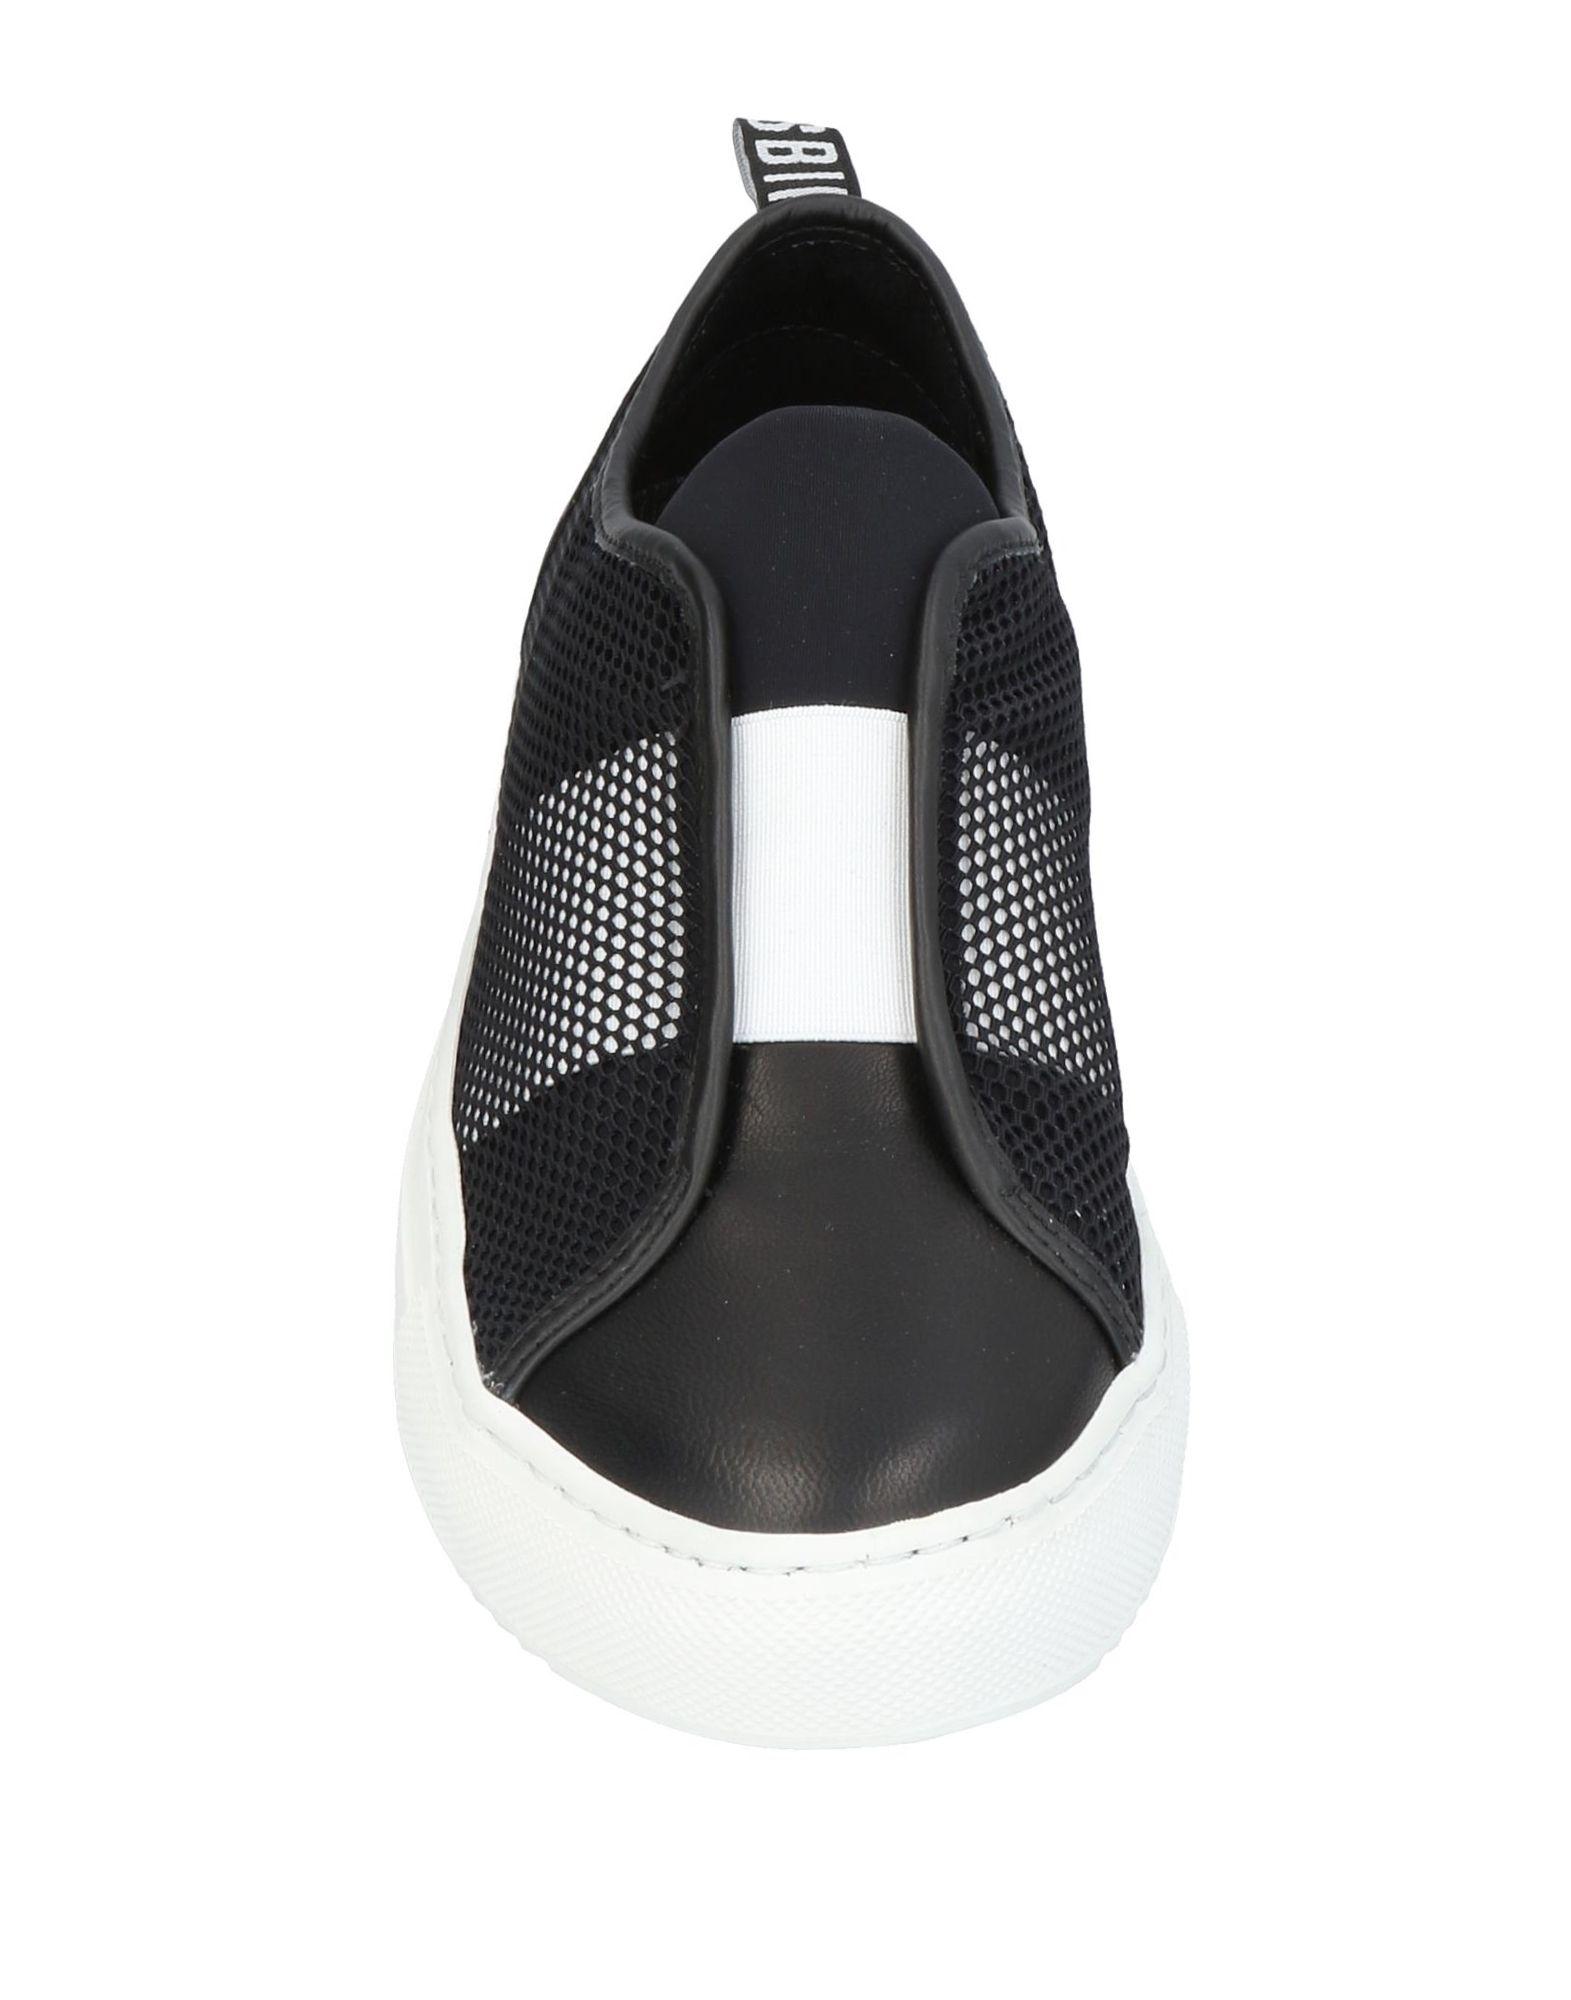 Bikkembergs Gute Sneakers Damen  11417898BH Gute Bikkembergs Qualität beliebte Schuhe 86bf27